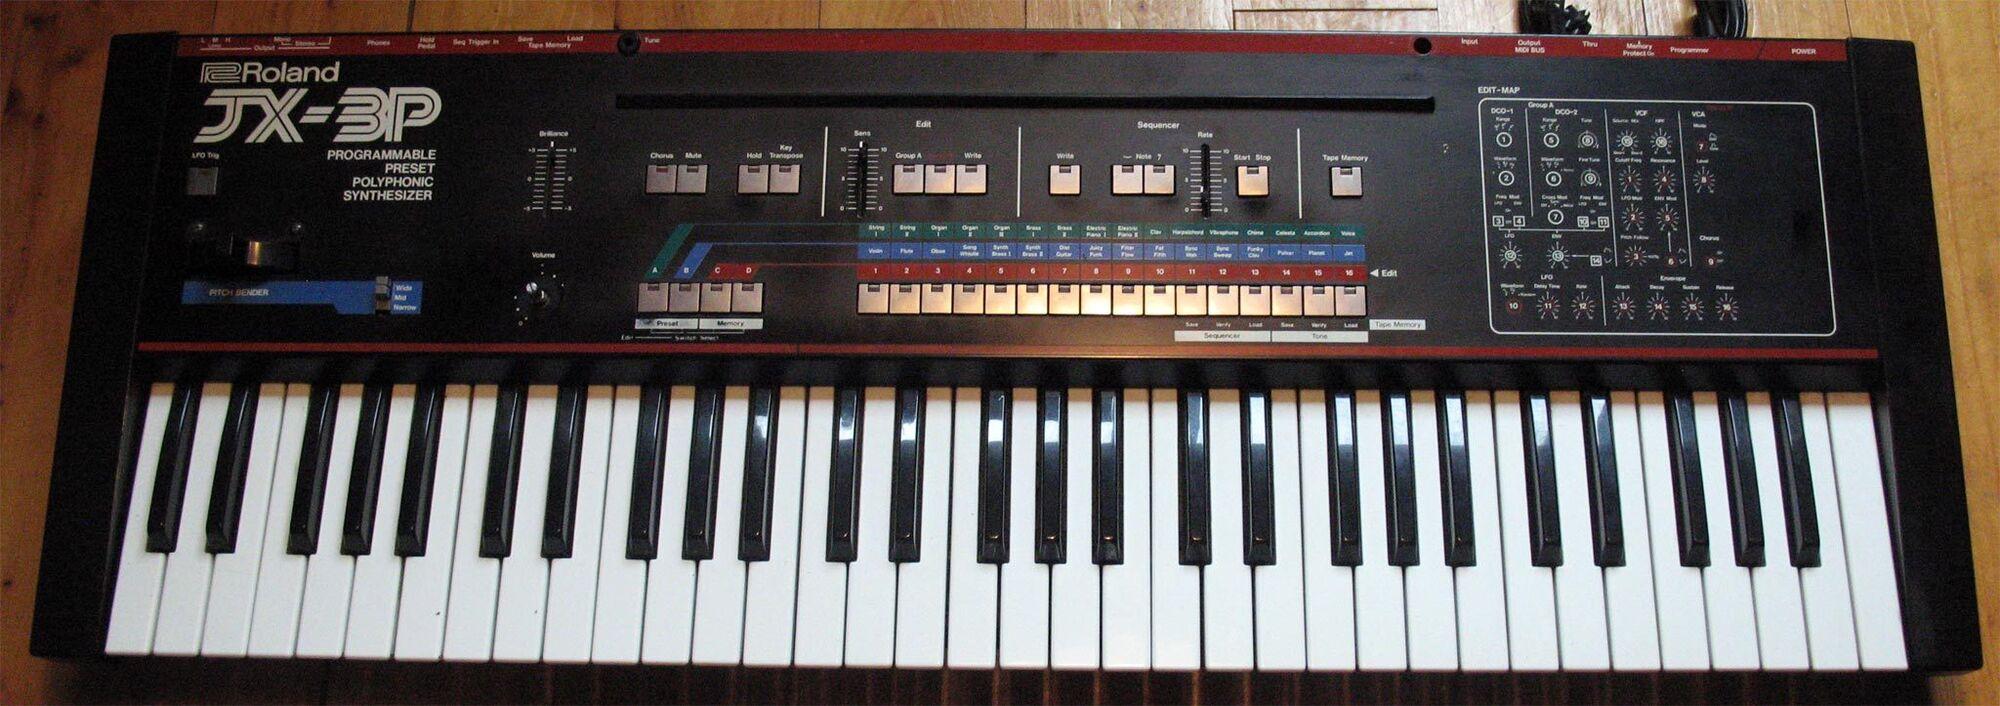 JX-3P | Electronic Music Wiki | FANDOM powered by Wikia